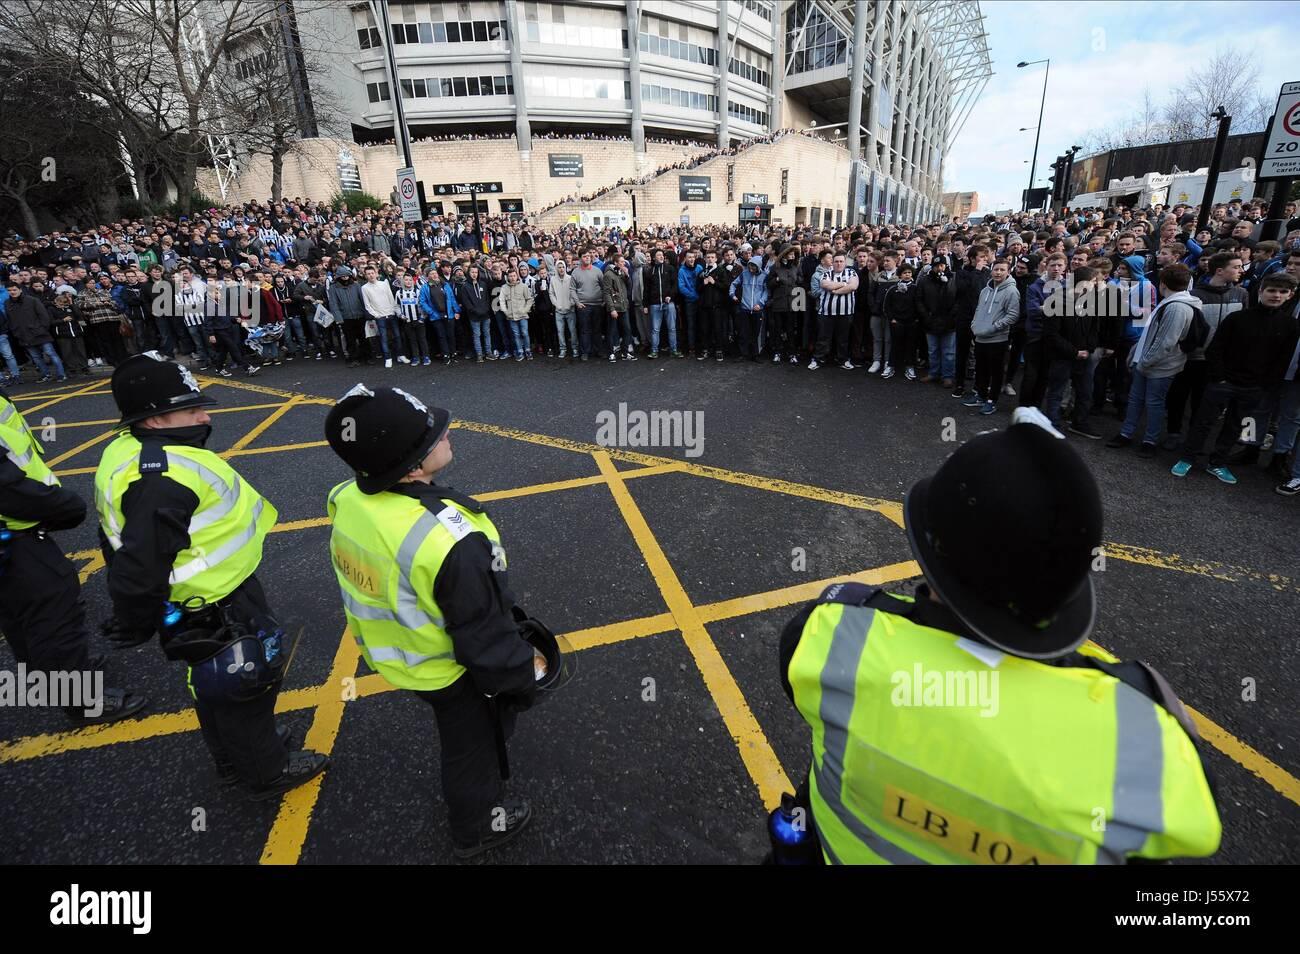 POLICE LINE NEWCASTLE FANS NEWCASTLE UTD V NEWCASTLE UTD V SUNDERLAND FC ST JAMES PARK NEWCASTLE ENGLAND 01 February - Stock Image